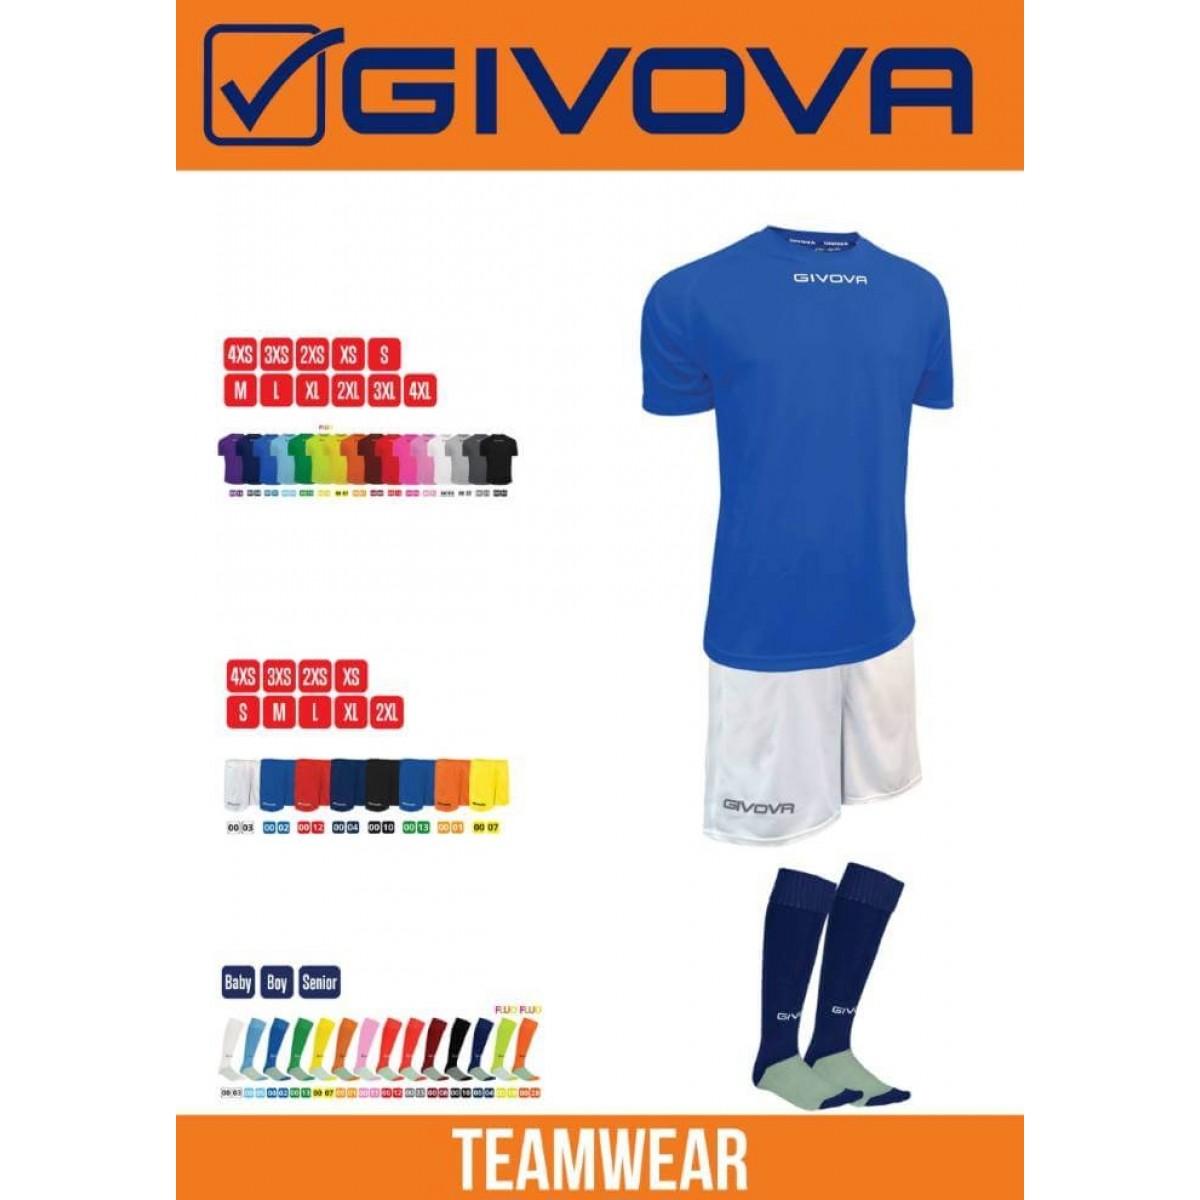 Kit Givova One Holdsaet 10+1